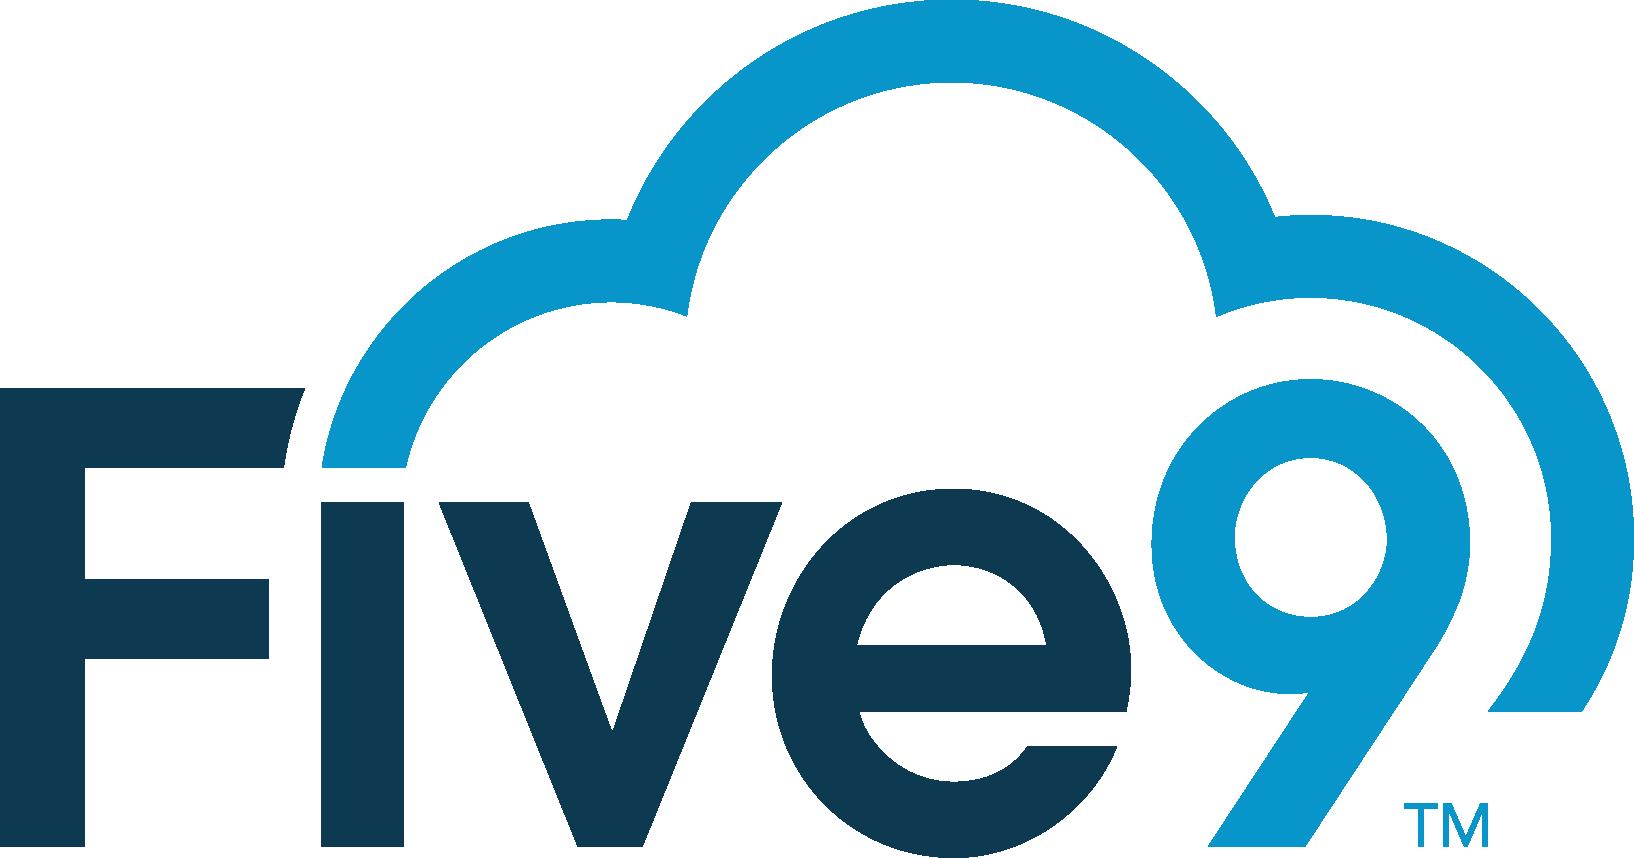 Five9 Virtual Contact Center logo